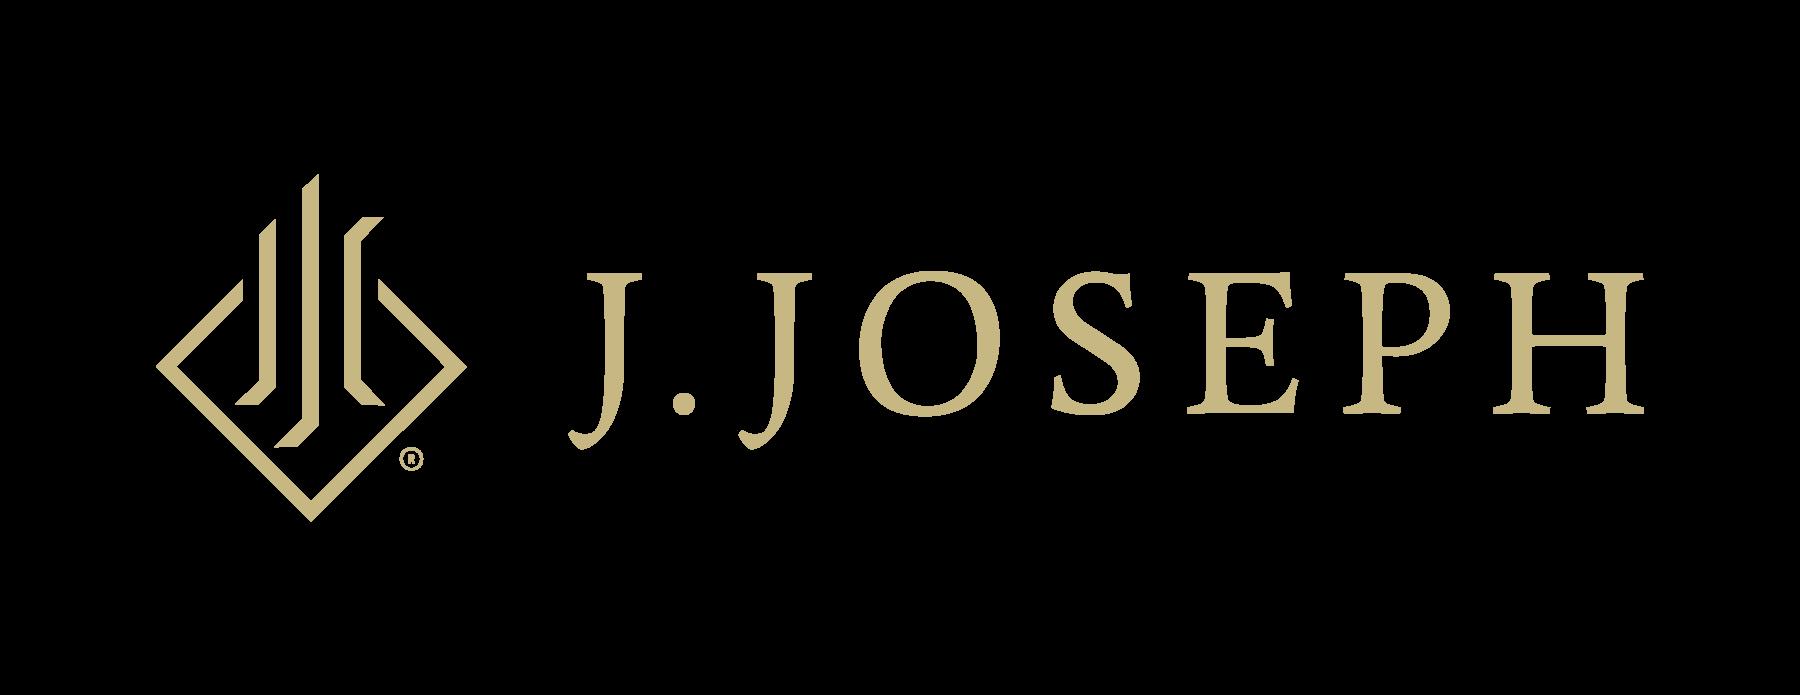 J.Jospeh-Main-Logo-File.png